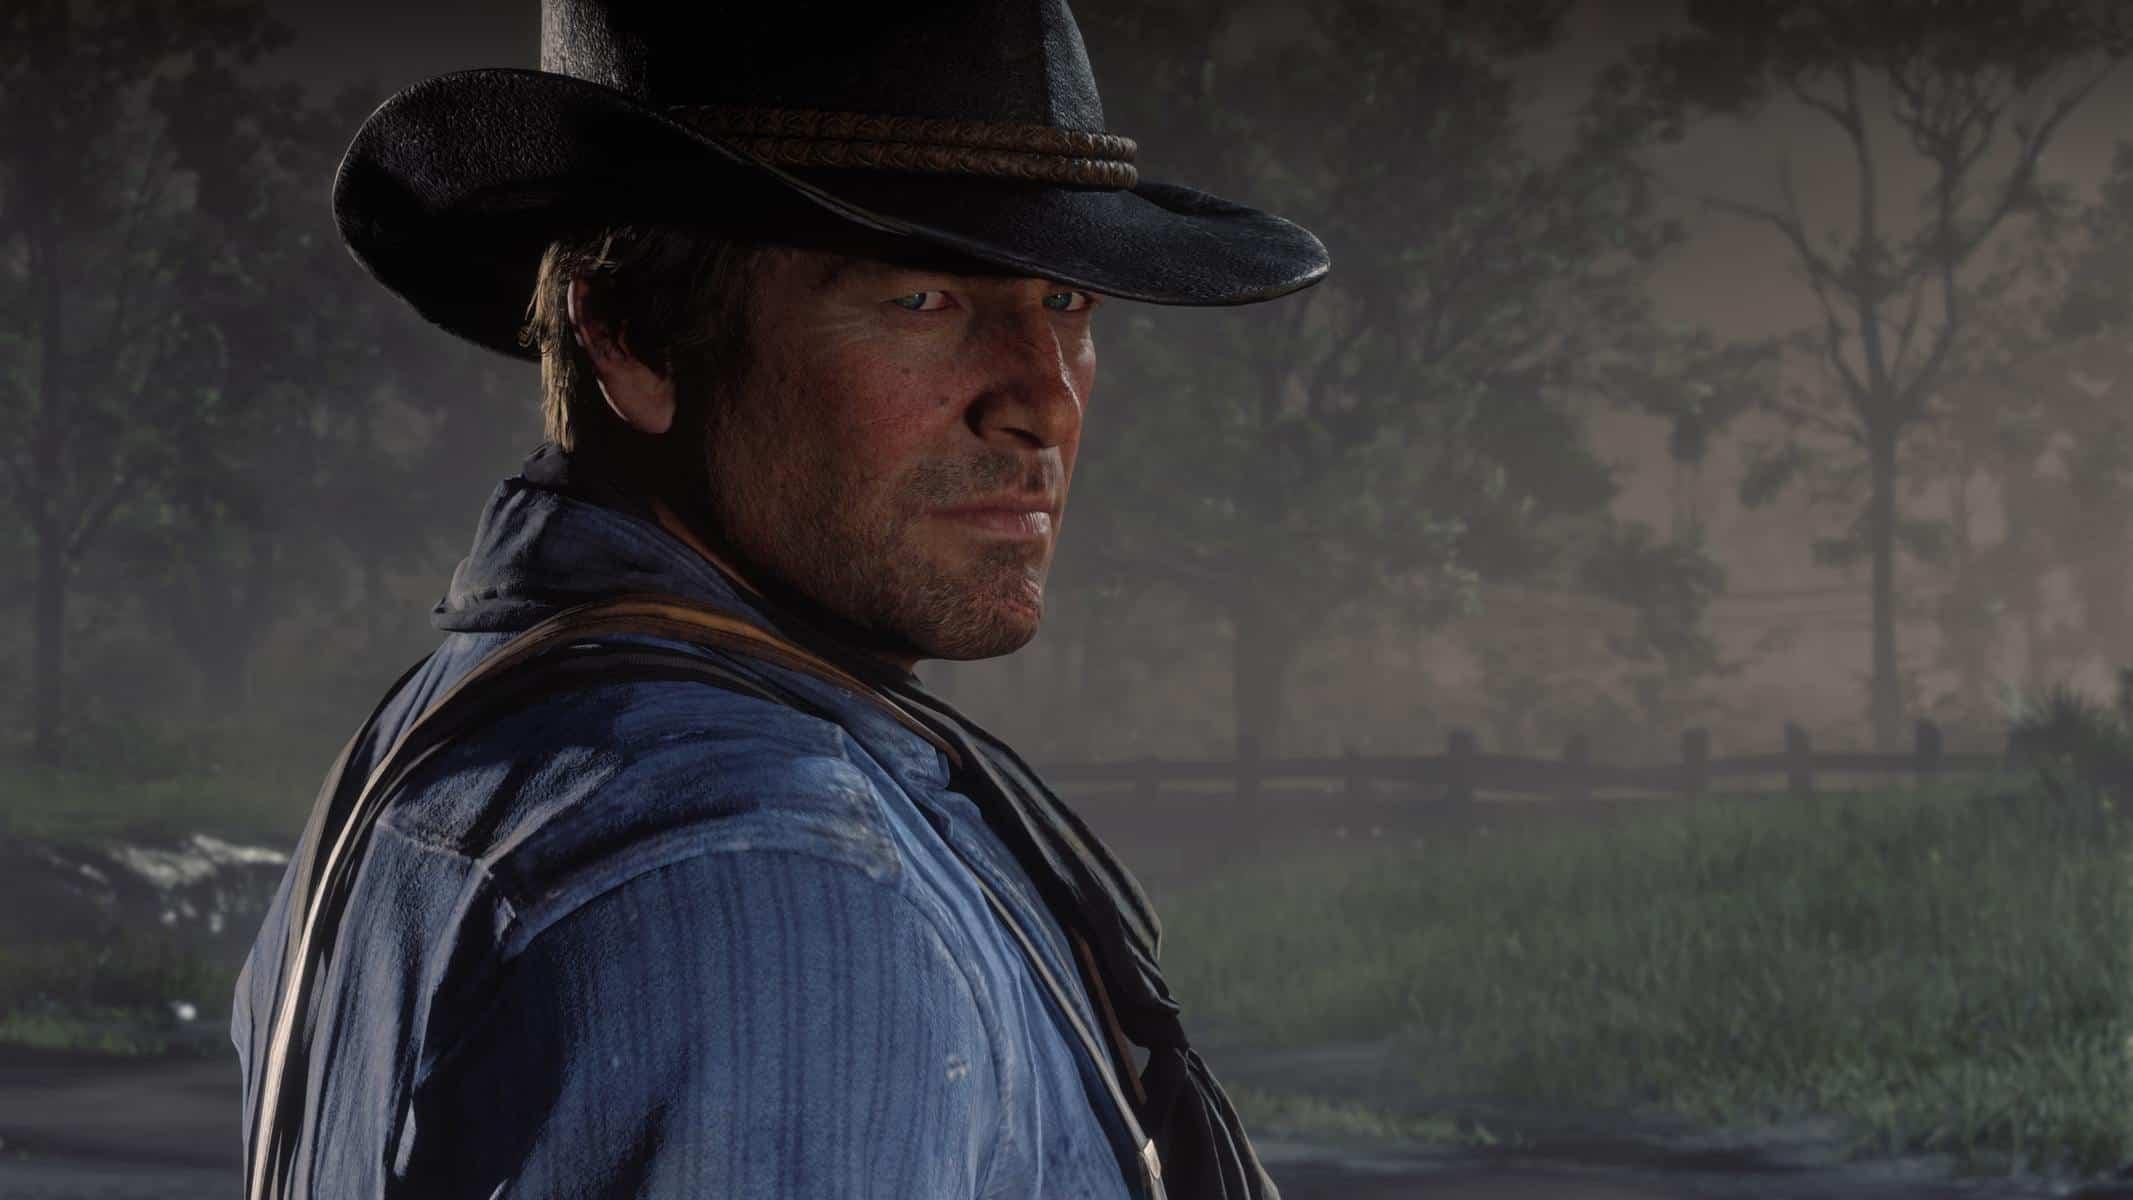 Red Dead Redemption 2 : Rockstar Games diffuse un trailer en 4K et 60fps pour la version PC